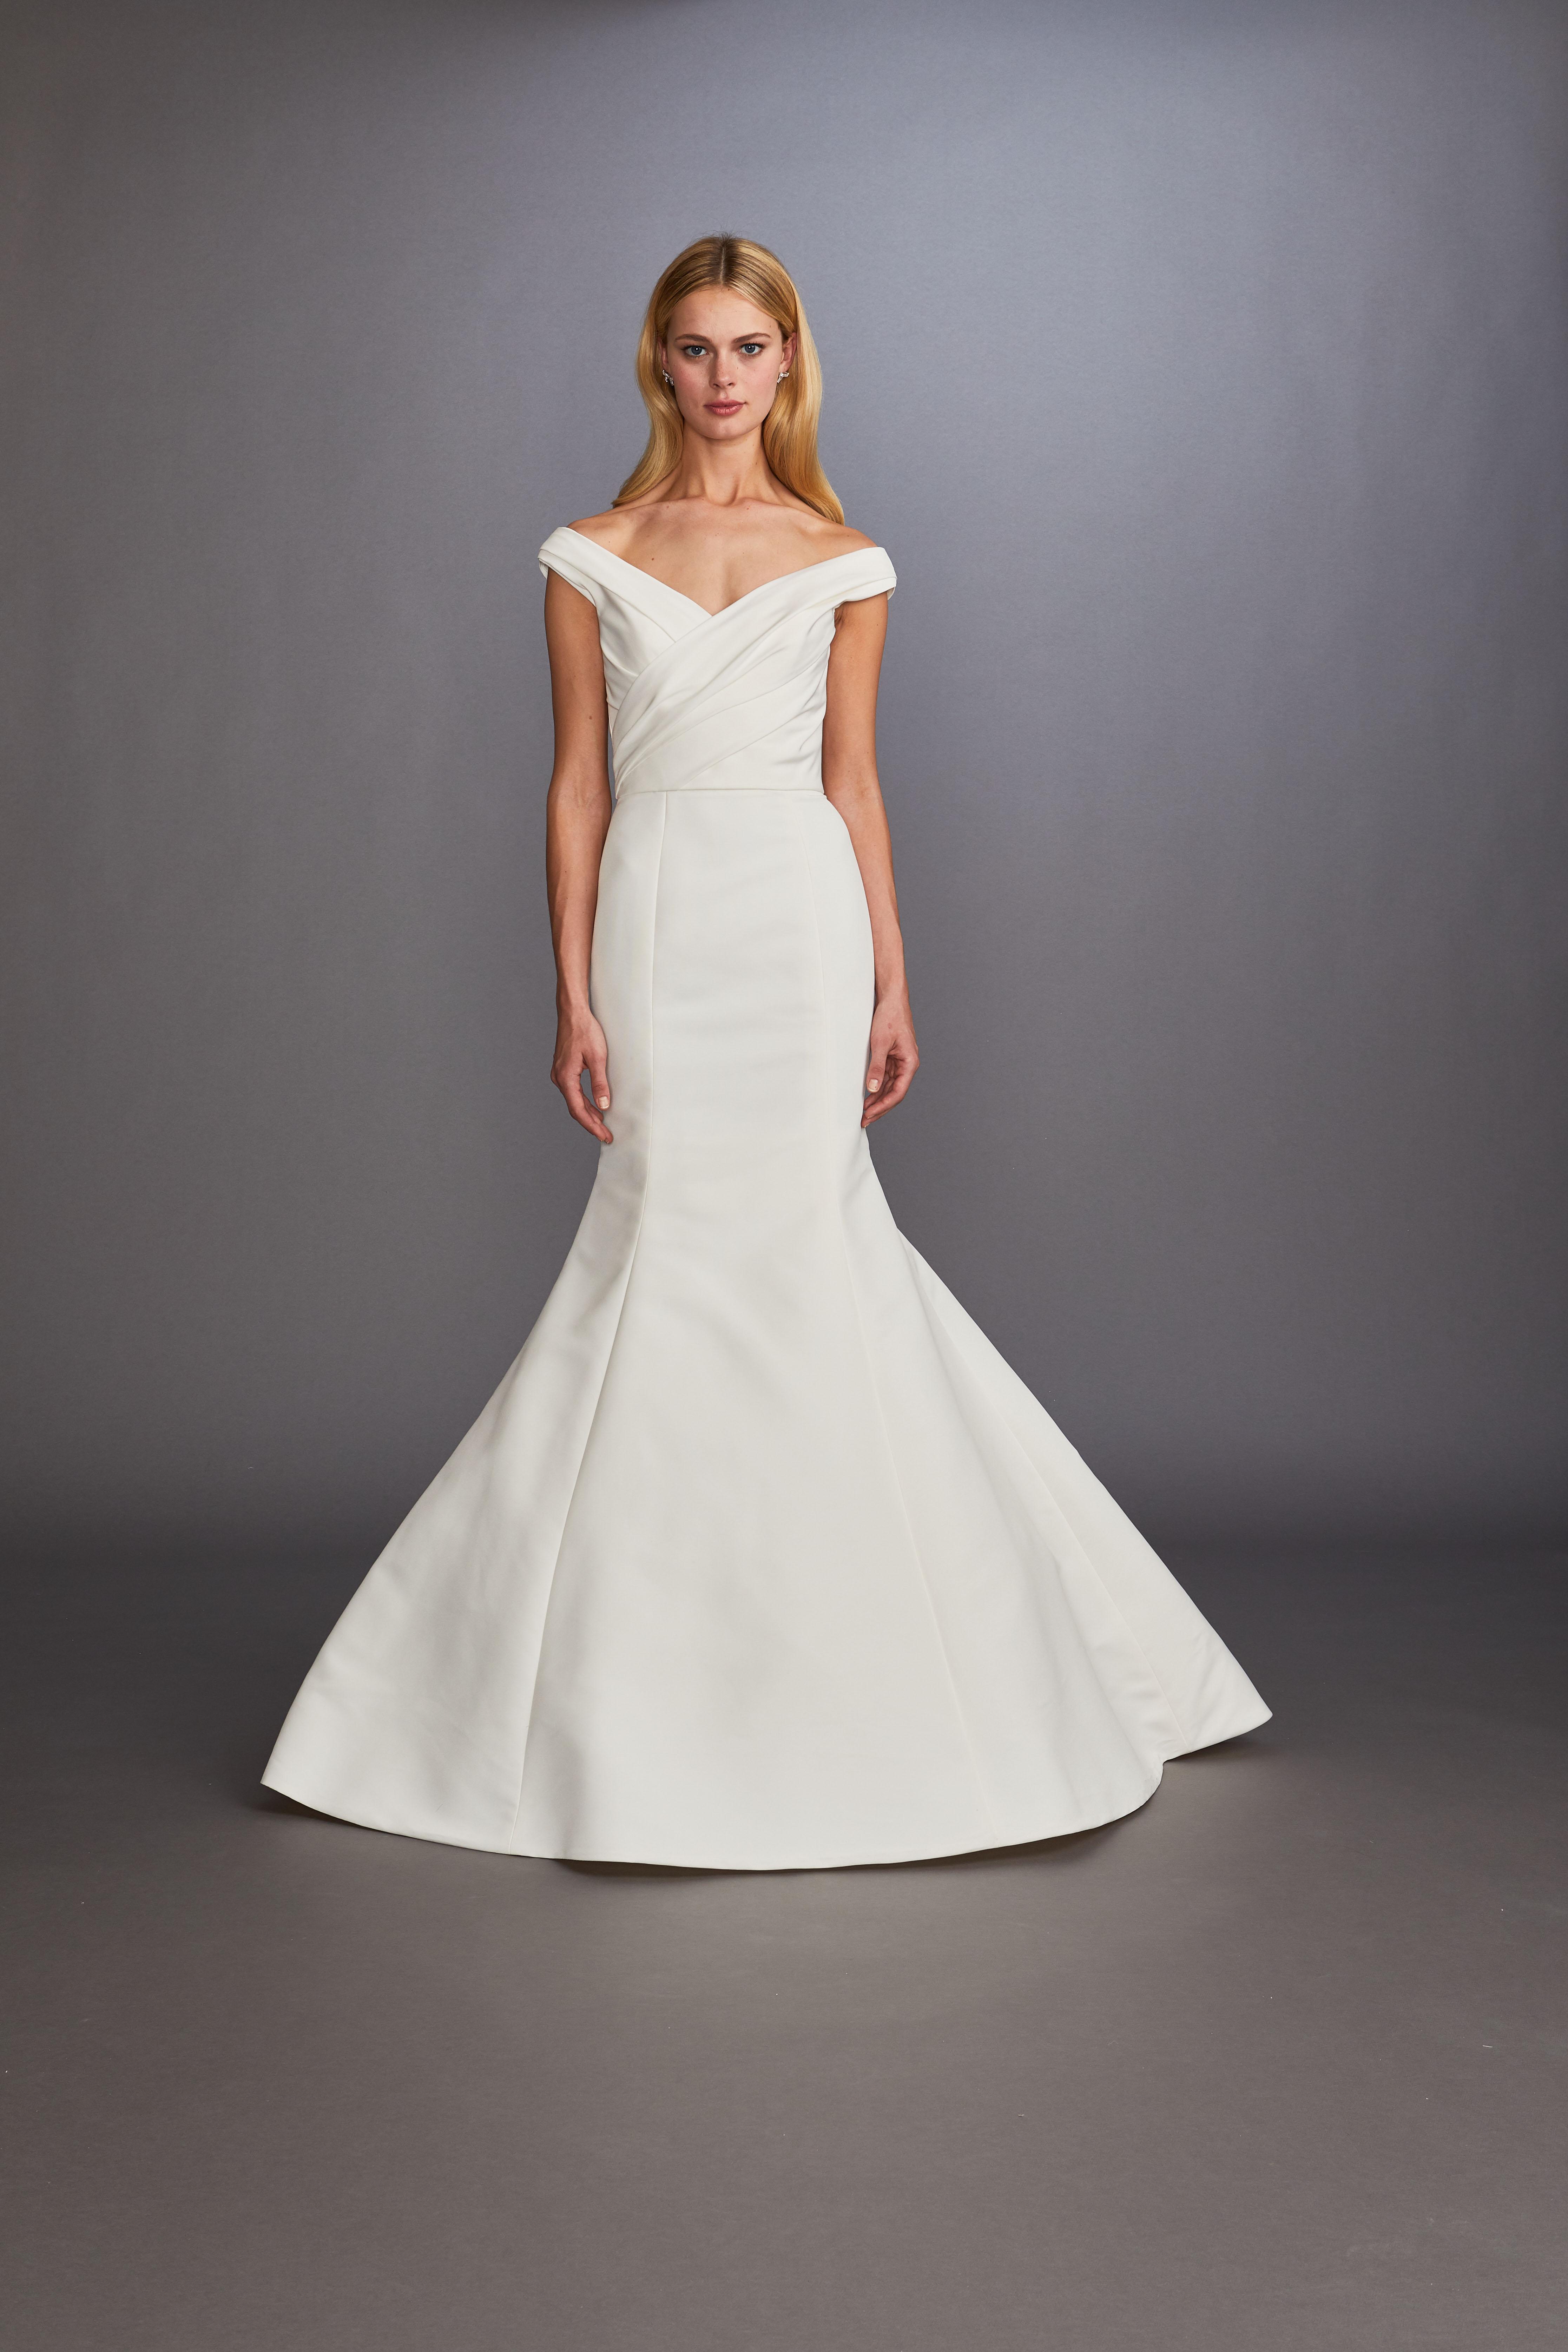 off-the-shoulder ruching trumpet wedding dress Allison Webb Spring 2020